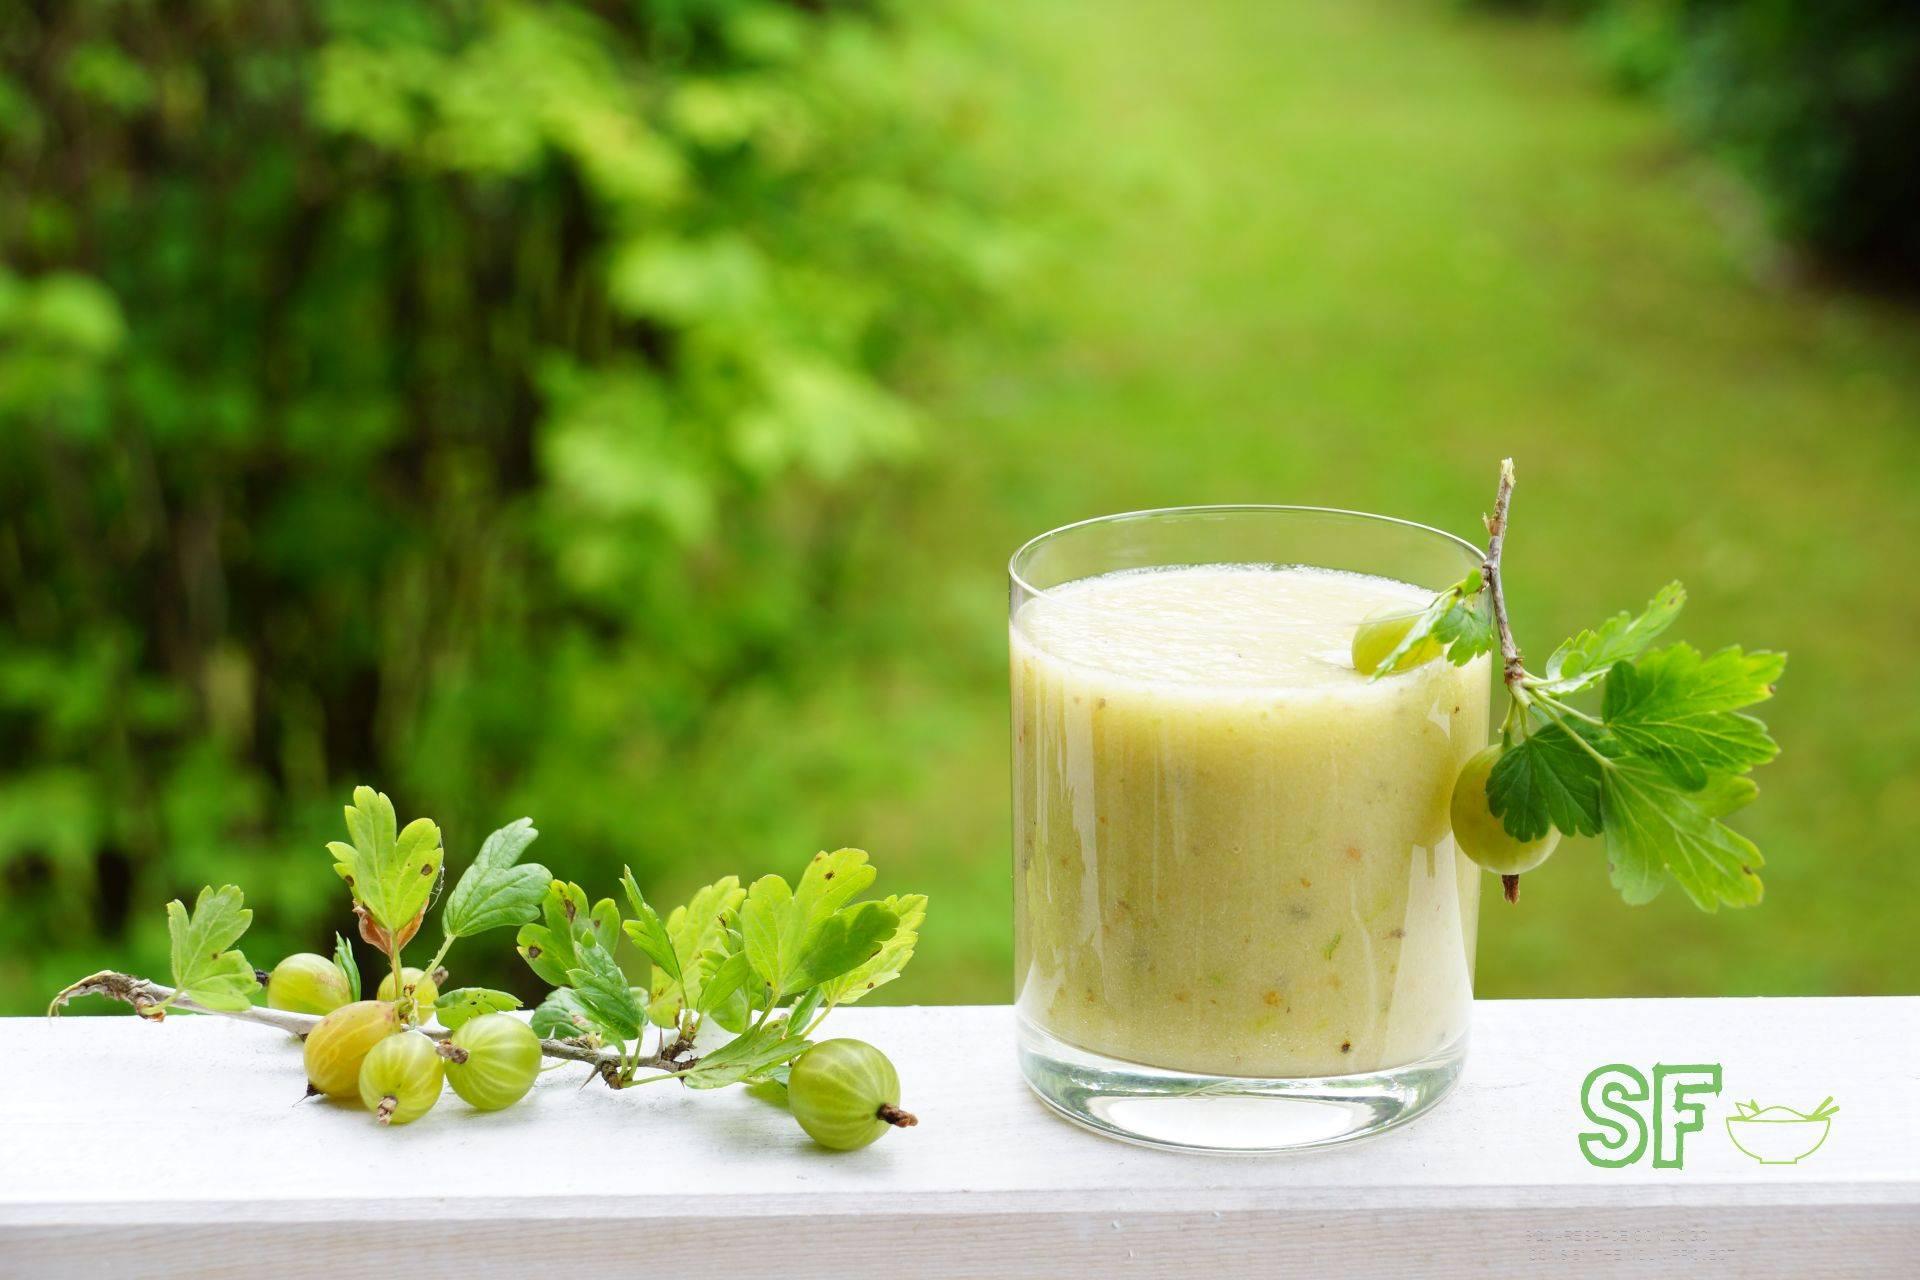 Рецепты смузи с крыжовником, или удивительный микс из ягод